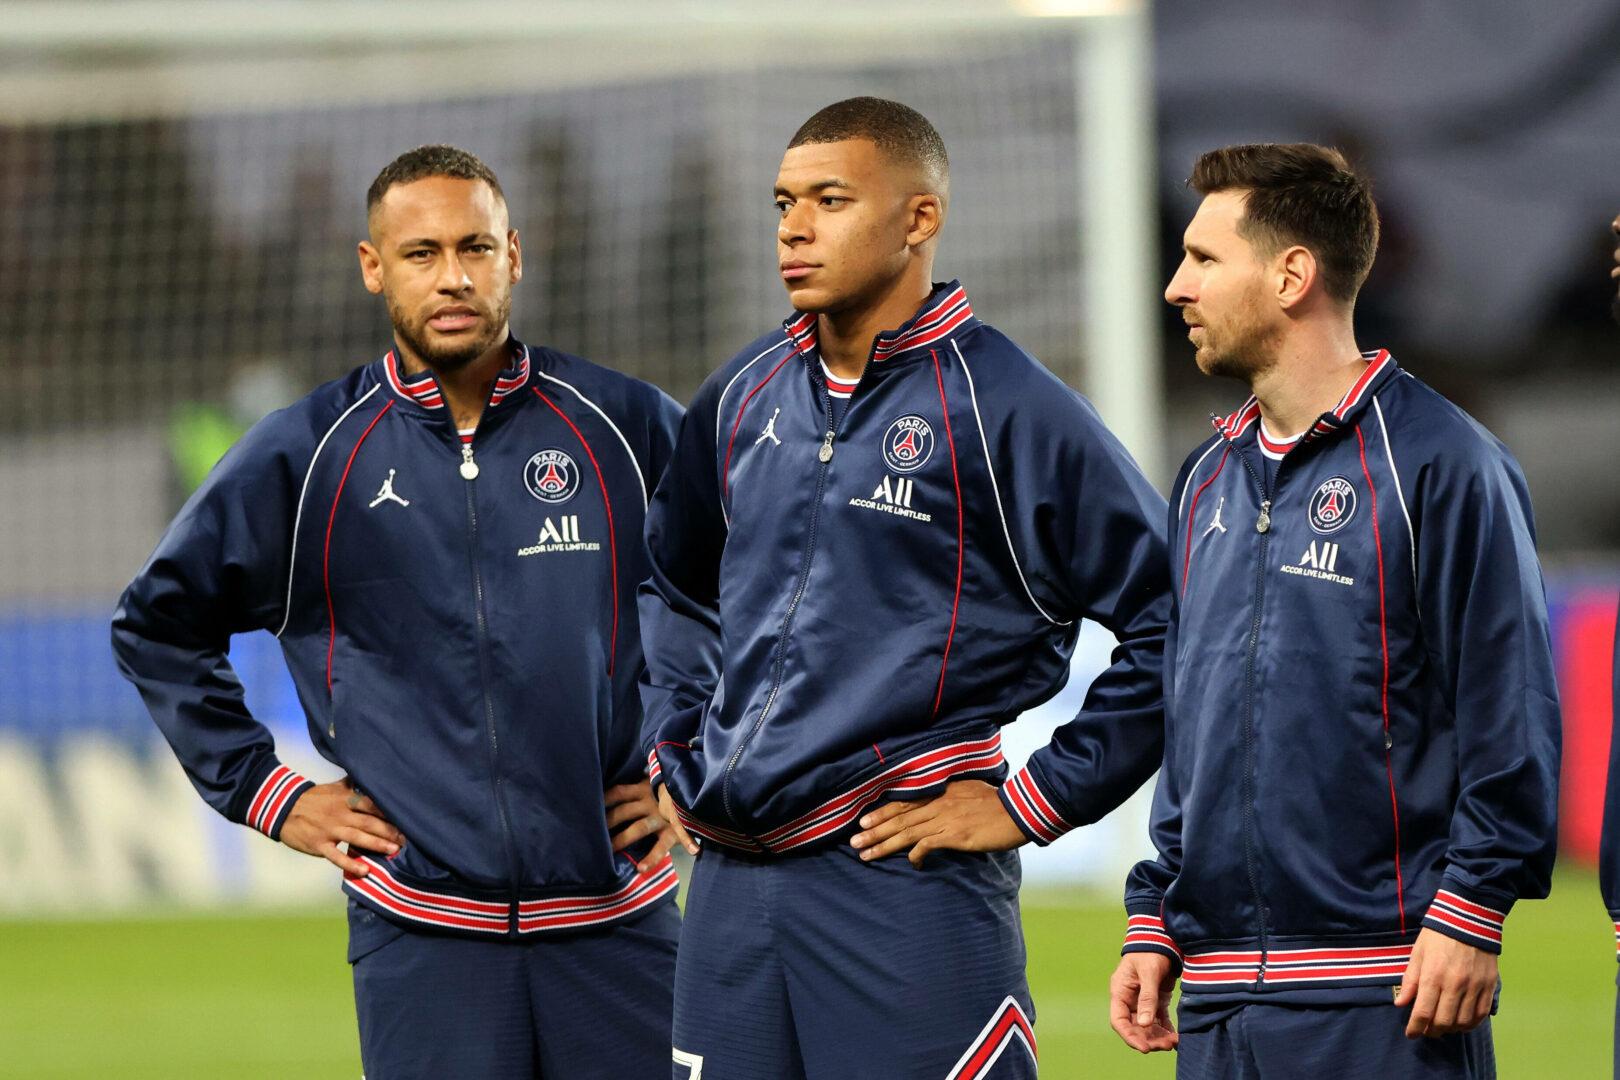 PSG: Trio aus Mbappe Neymar Messi